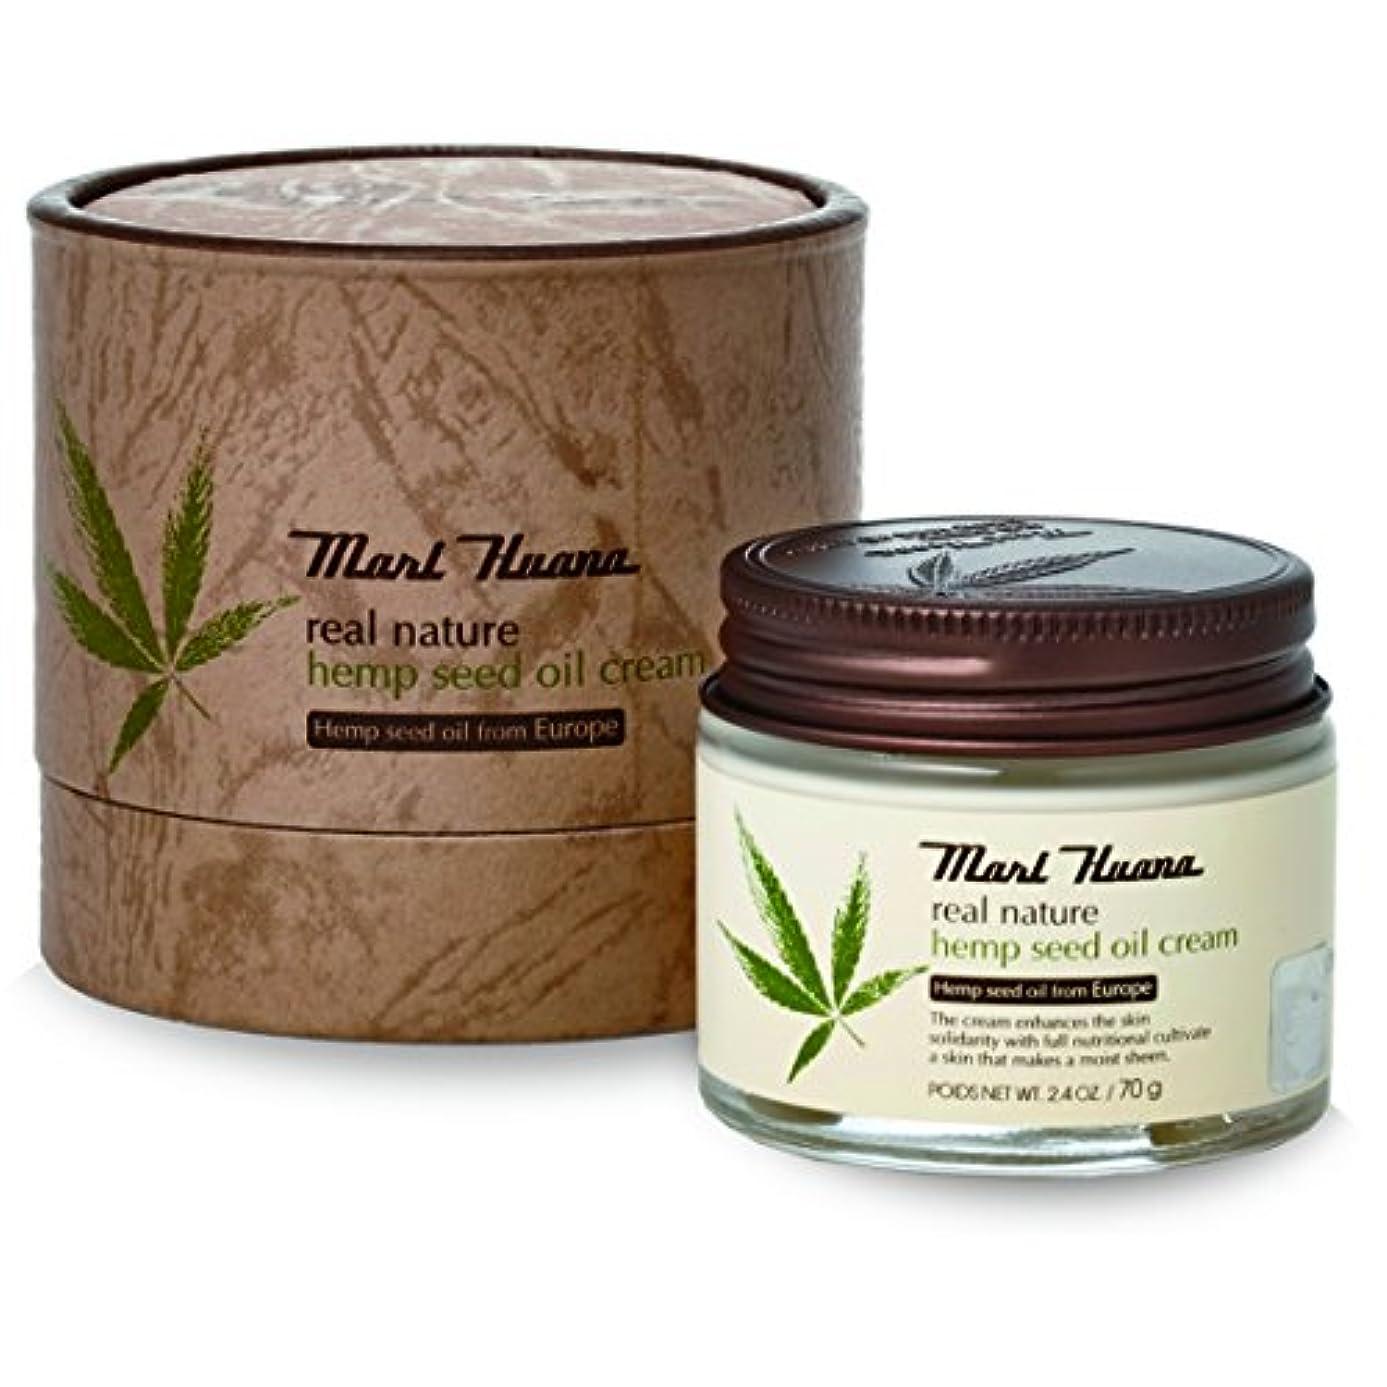 ポータルショップ輝度[訳有り?OUTLET] Marihuana Real Natural Hemp Seed Oil Cream マリーフアナ リアルナチュラルヘンプシードオイルクリーム [並行輸入品]